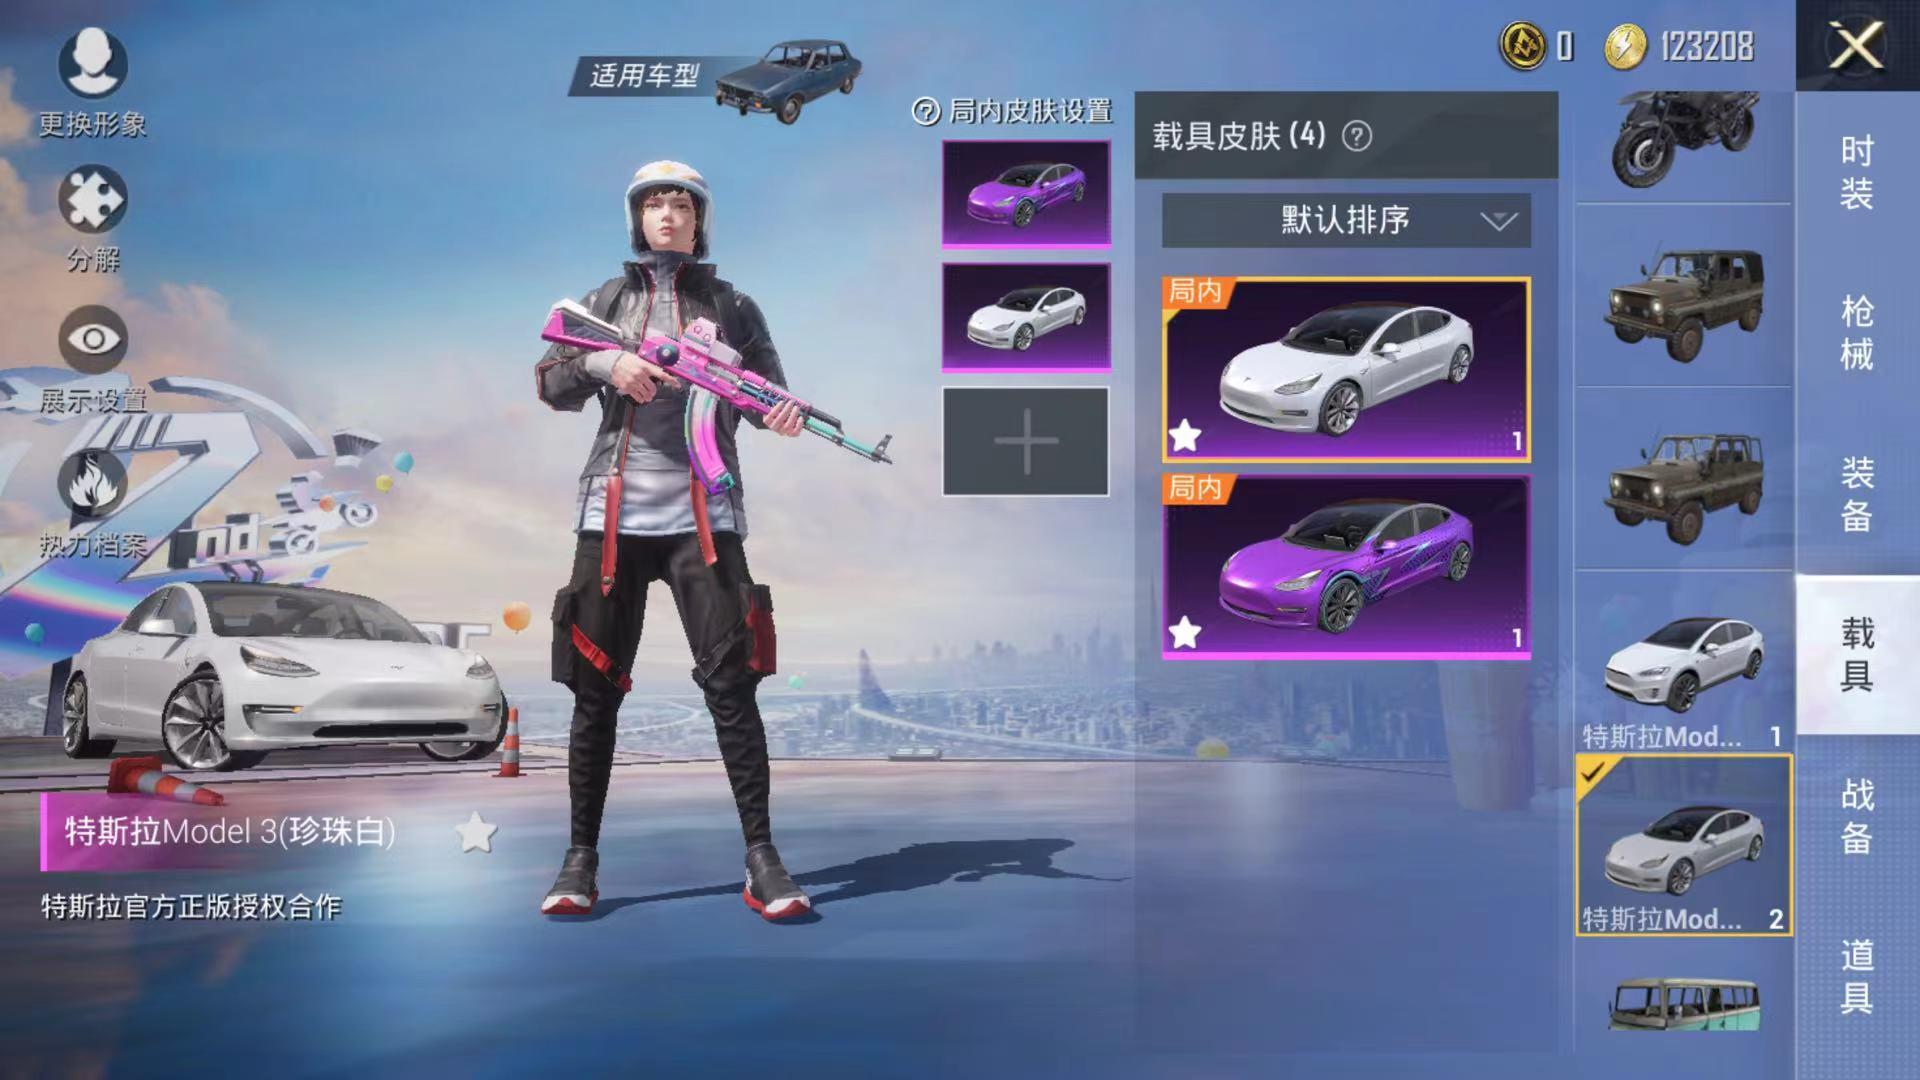 【安卓QQ】33套装-41枪皮-4载具   凯达H009 苹果Q 33衣服套装 炫紫旋律 41枪械皮 合金龙骨 特斯拉M-3(紫,白)特斯拉M-X白